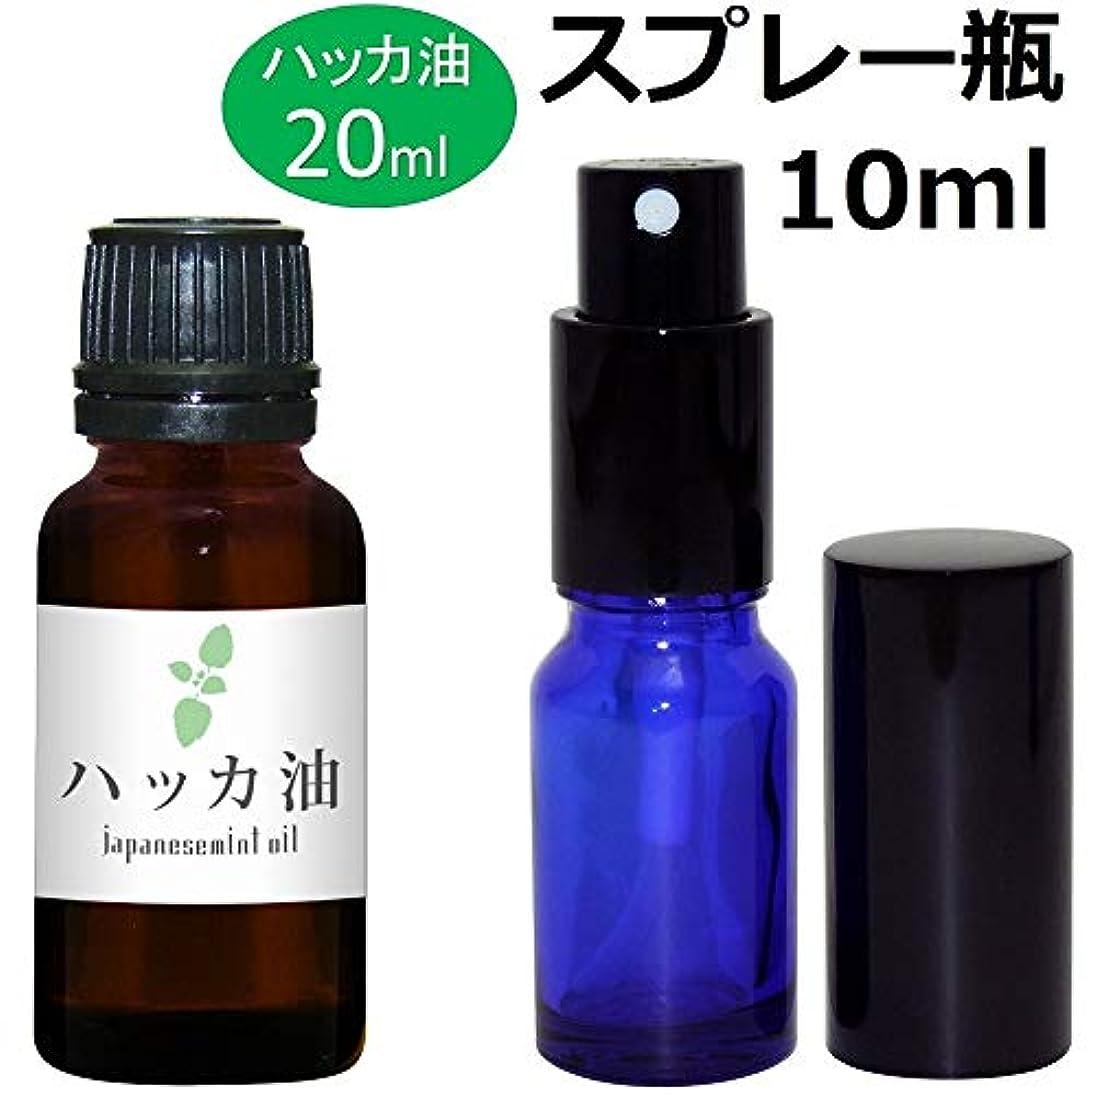 宇宙の法廷自動車ガレージ?ゼロ ハッカ油 20ml(GZAK12)+ガラス瓶 スプレーボトル10ml/和種薄荷/ジャパニーズミント GSE533